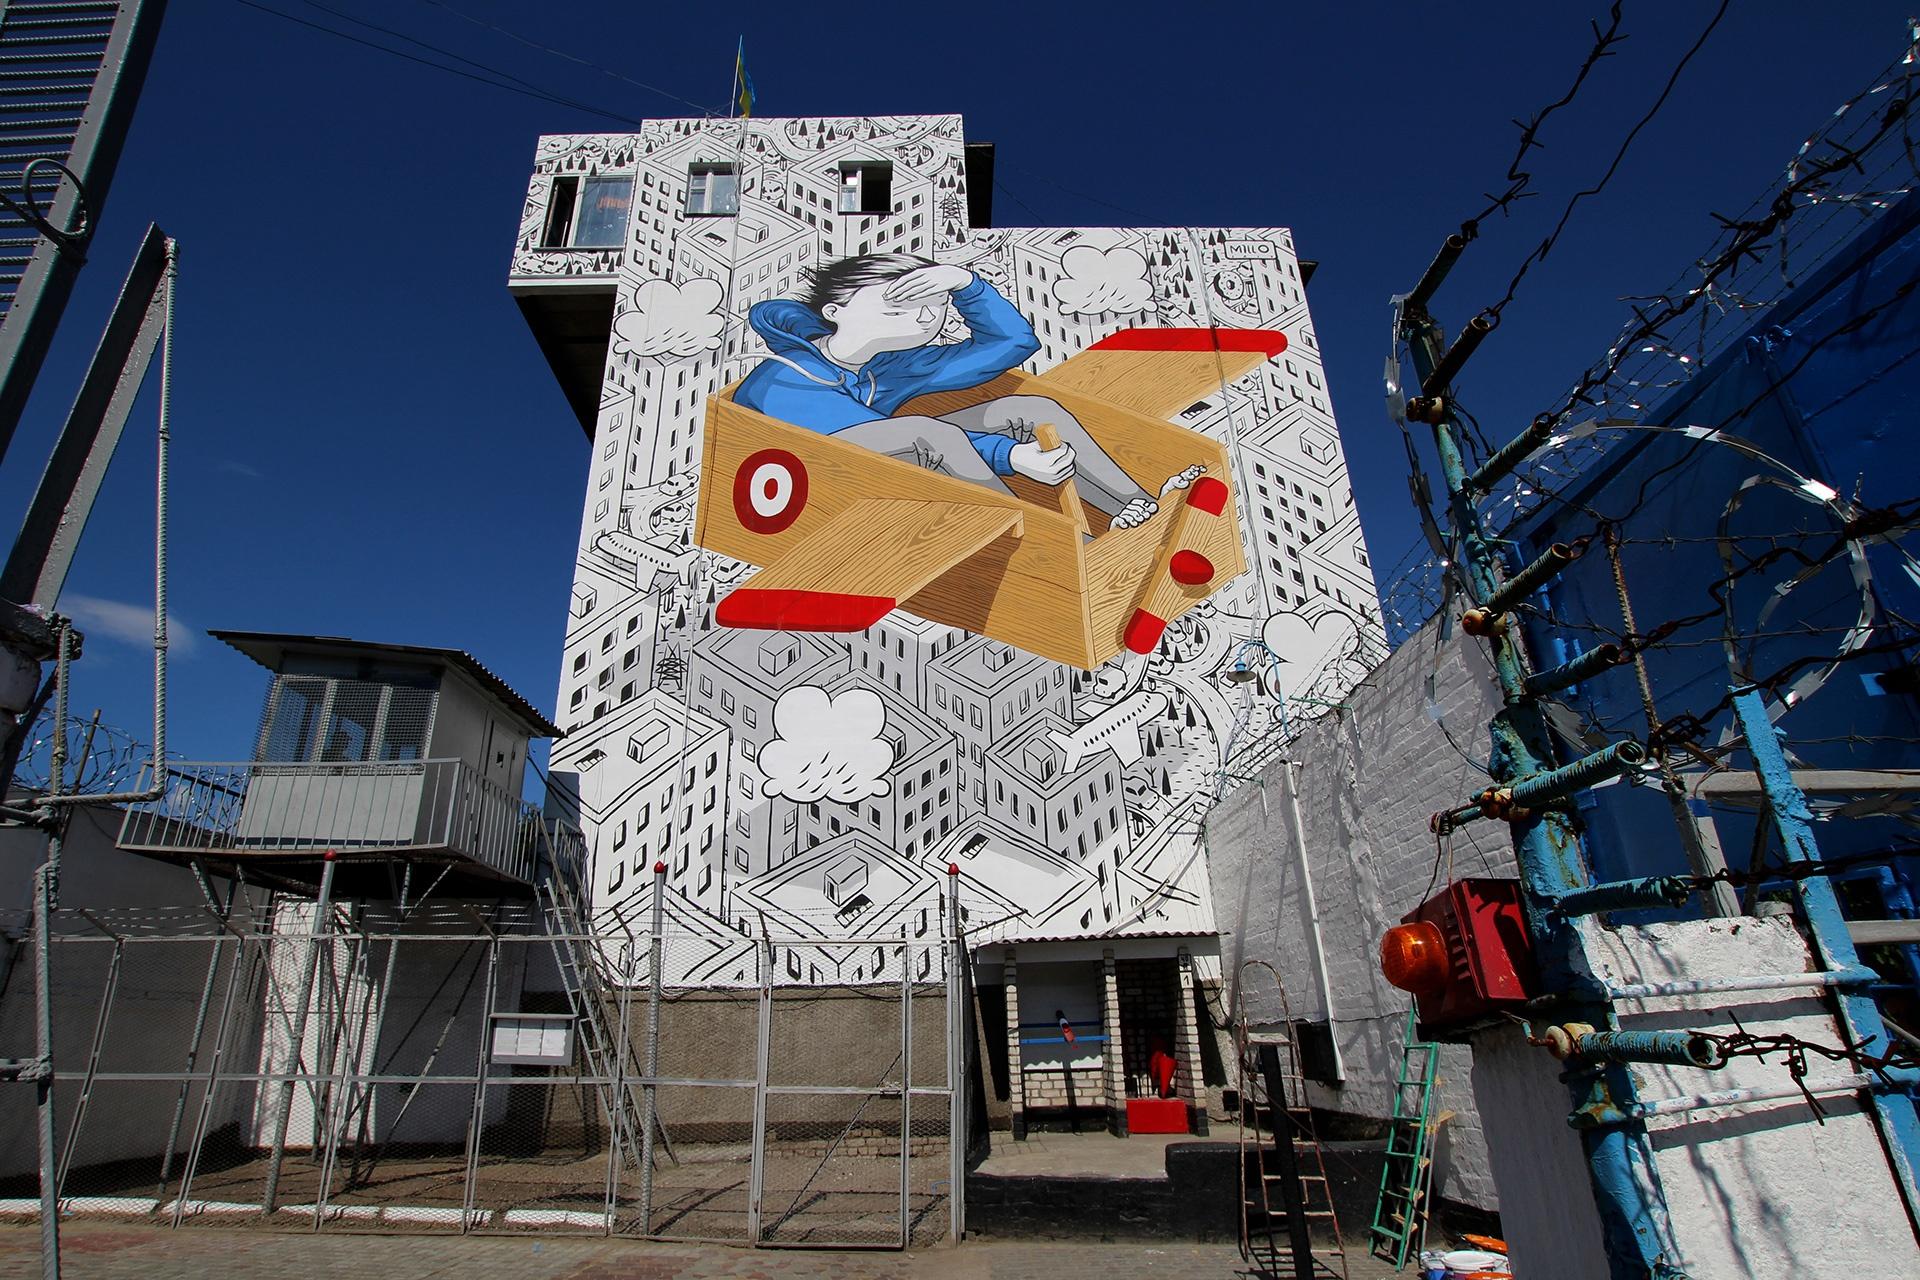 hudozhnik-millo-ukrasil-muralom-fasad-kremenchugskoy-vospitatelnoy-kolonii-1